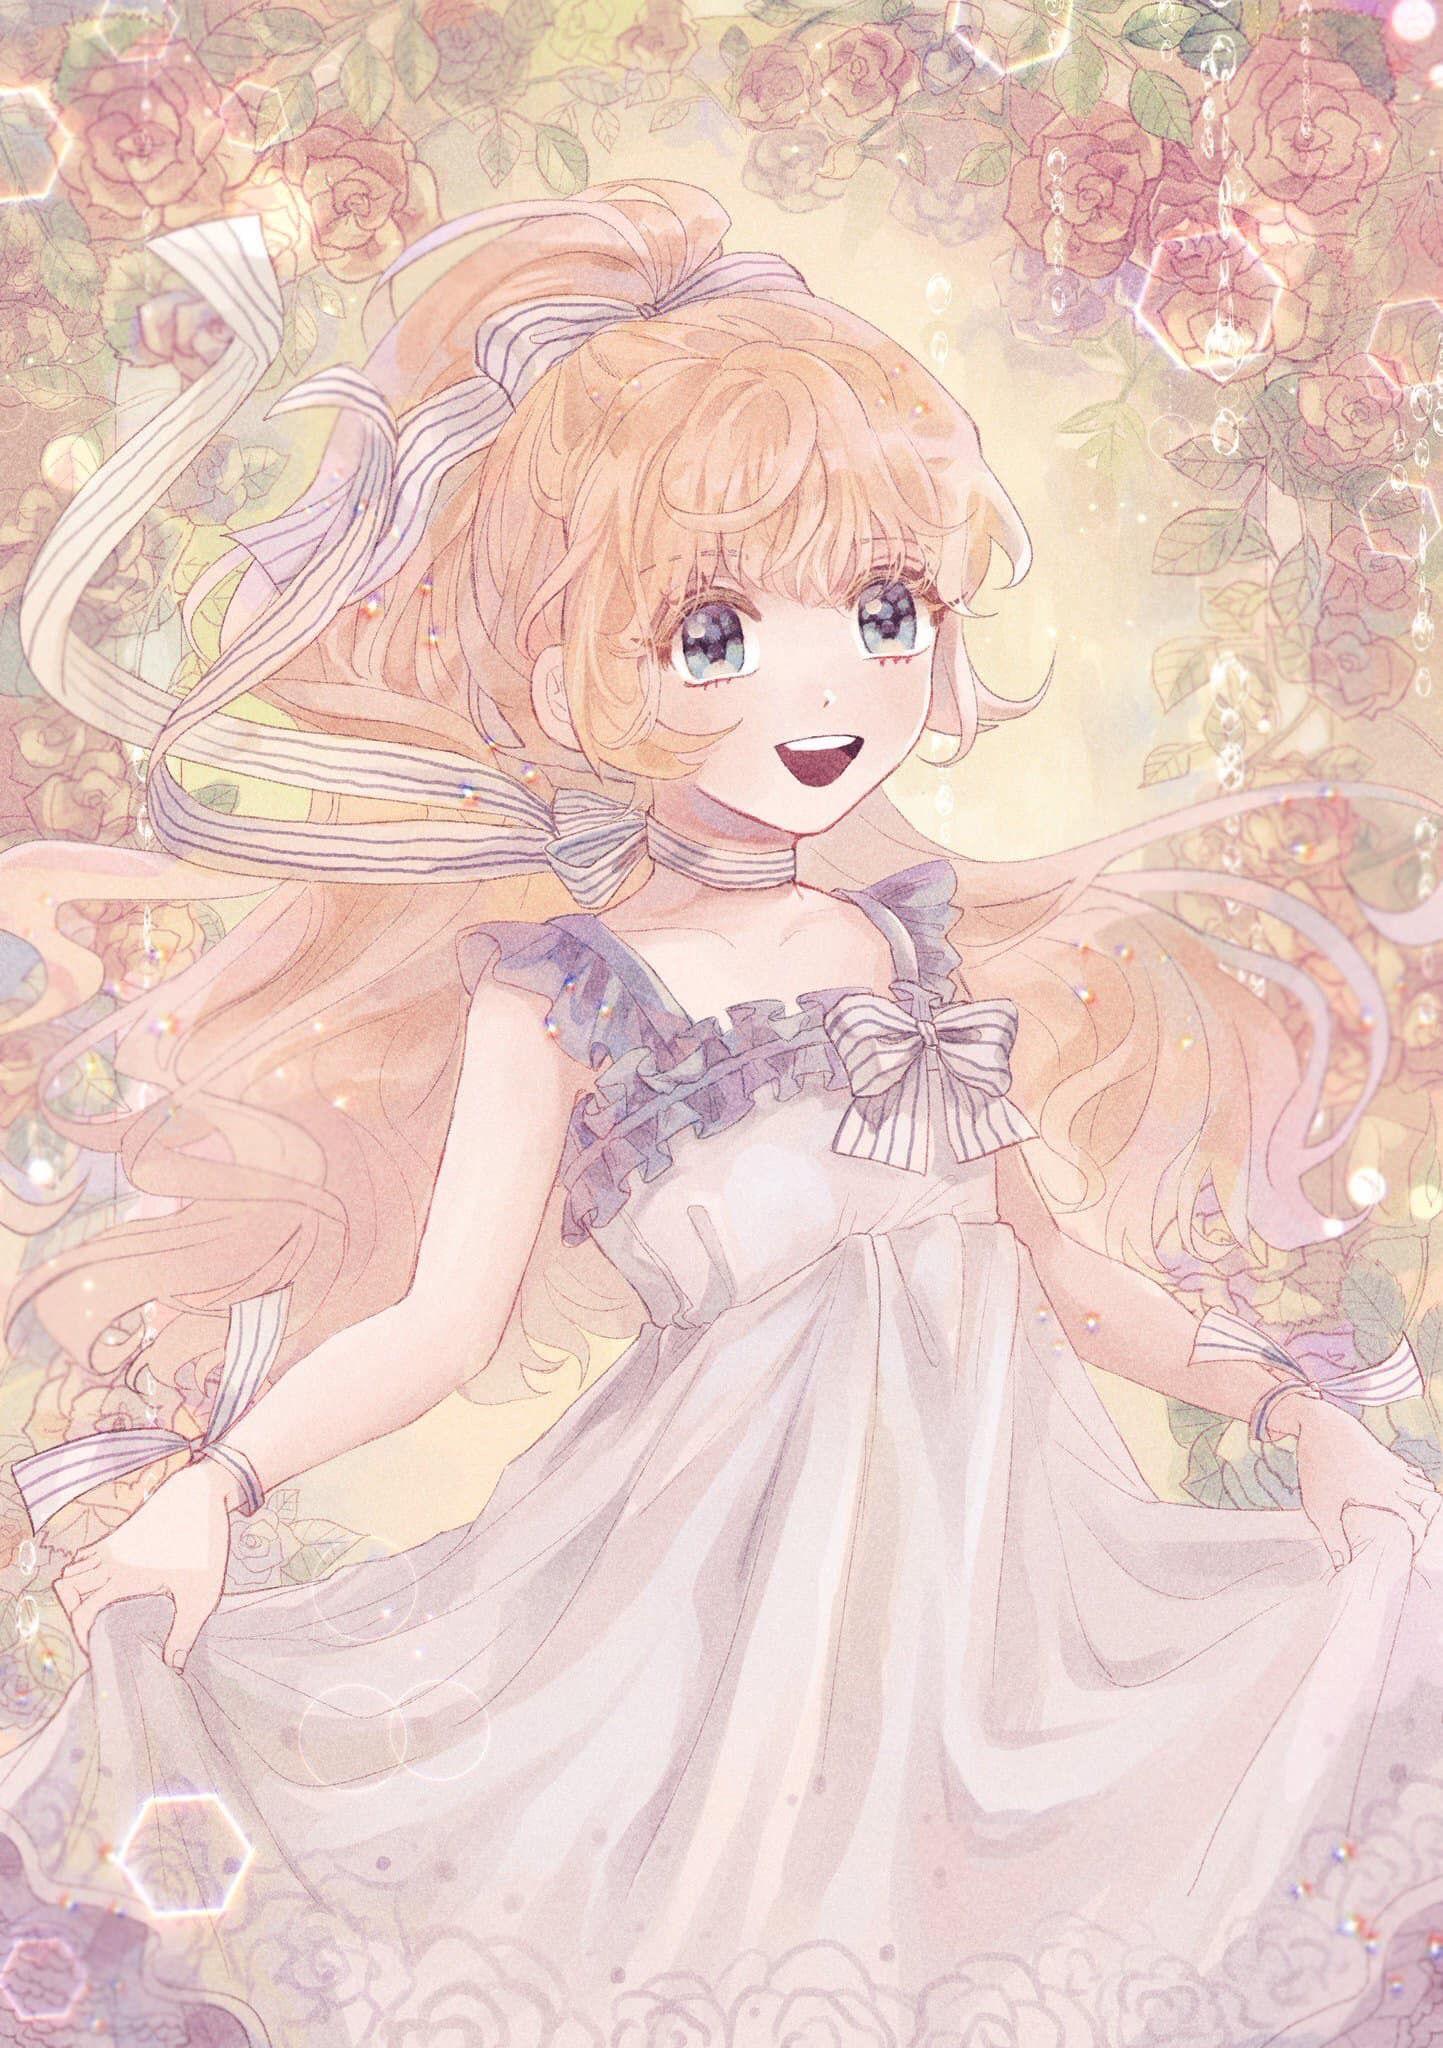 Ghim của Satoni trên Manga, Manhwa, Game | Anime, Hình